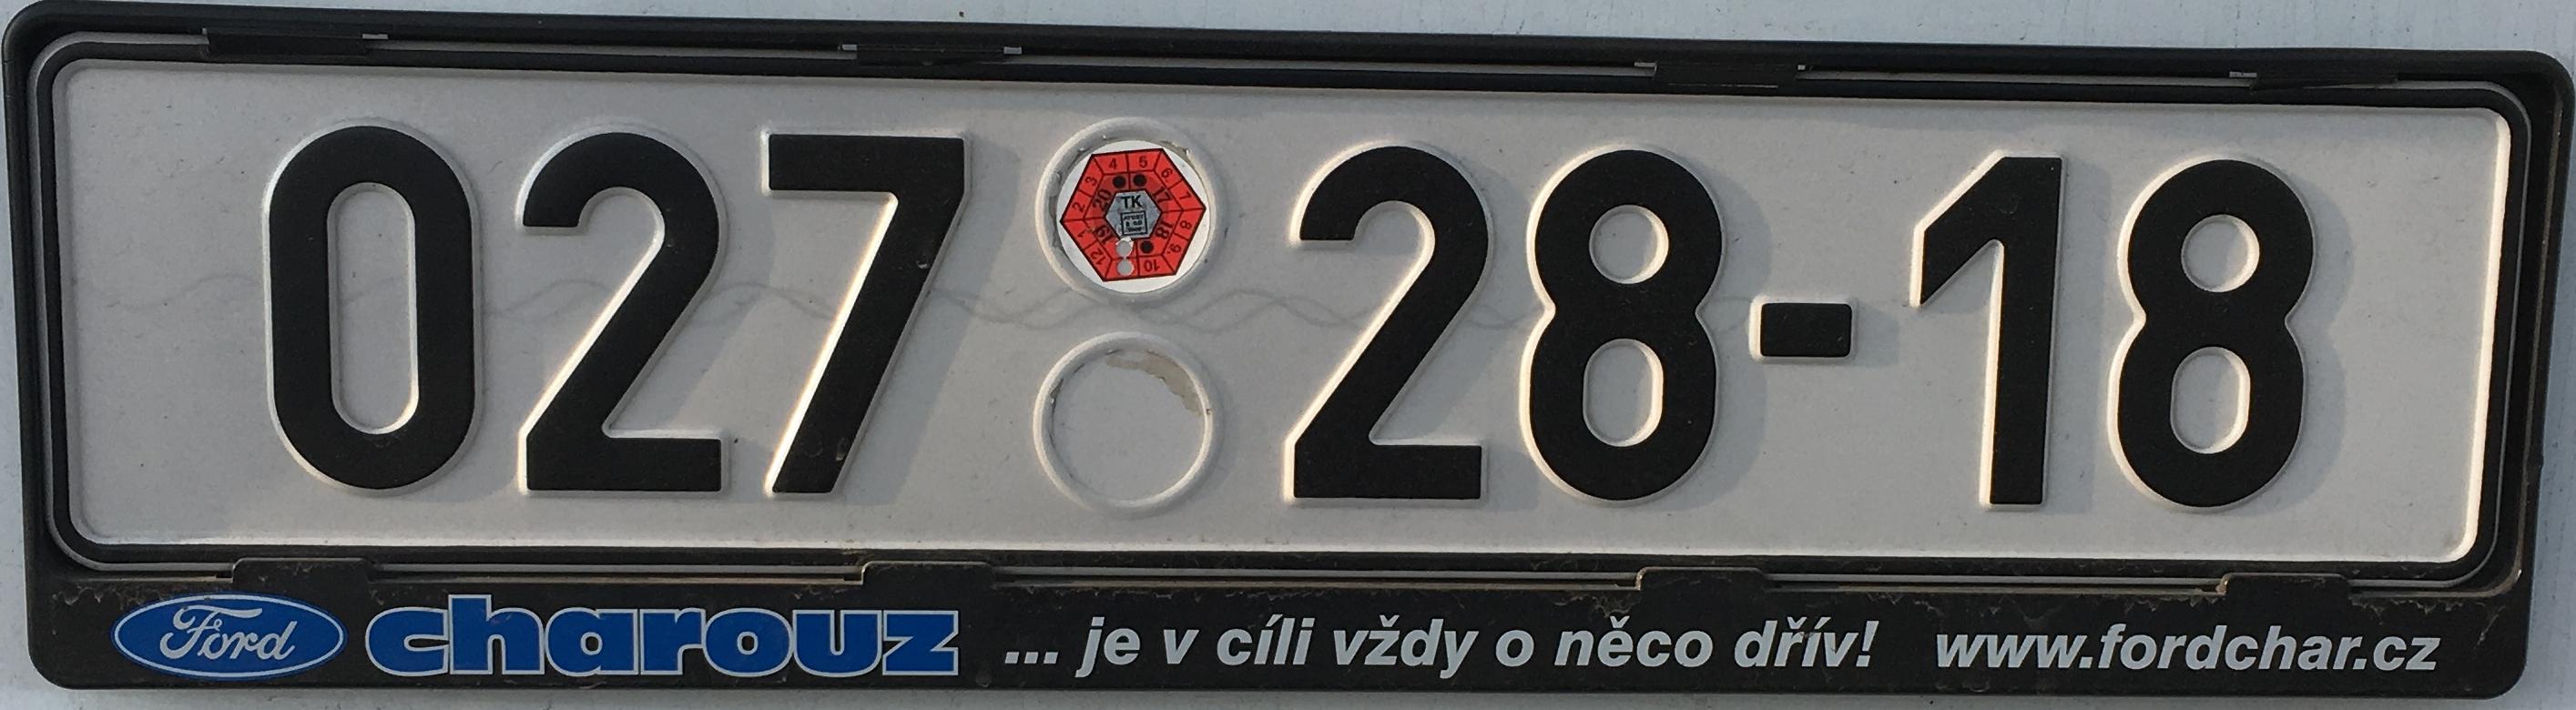 Česká registrační značka – armáda ČR, foto: www.podalnici.cz